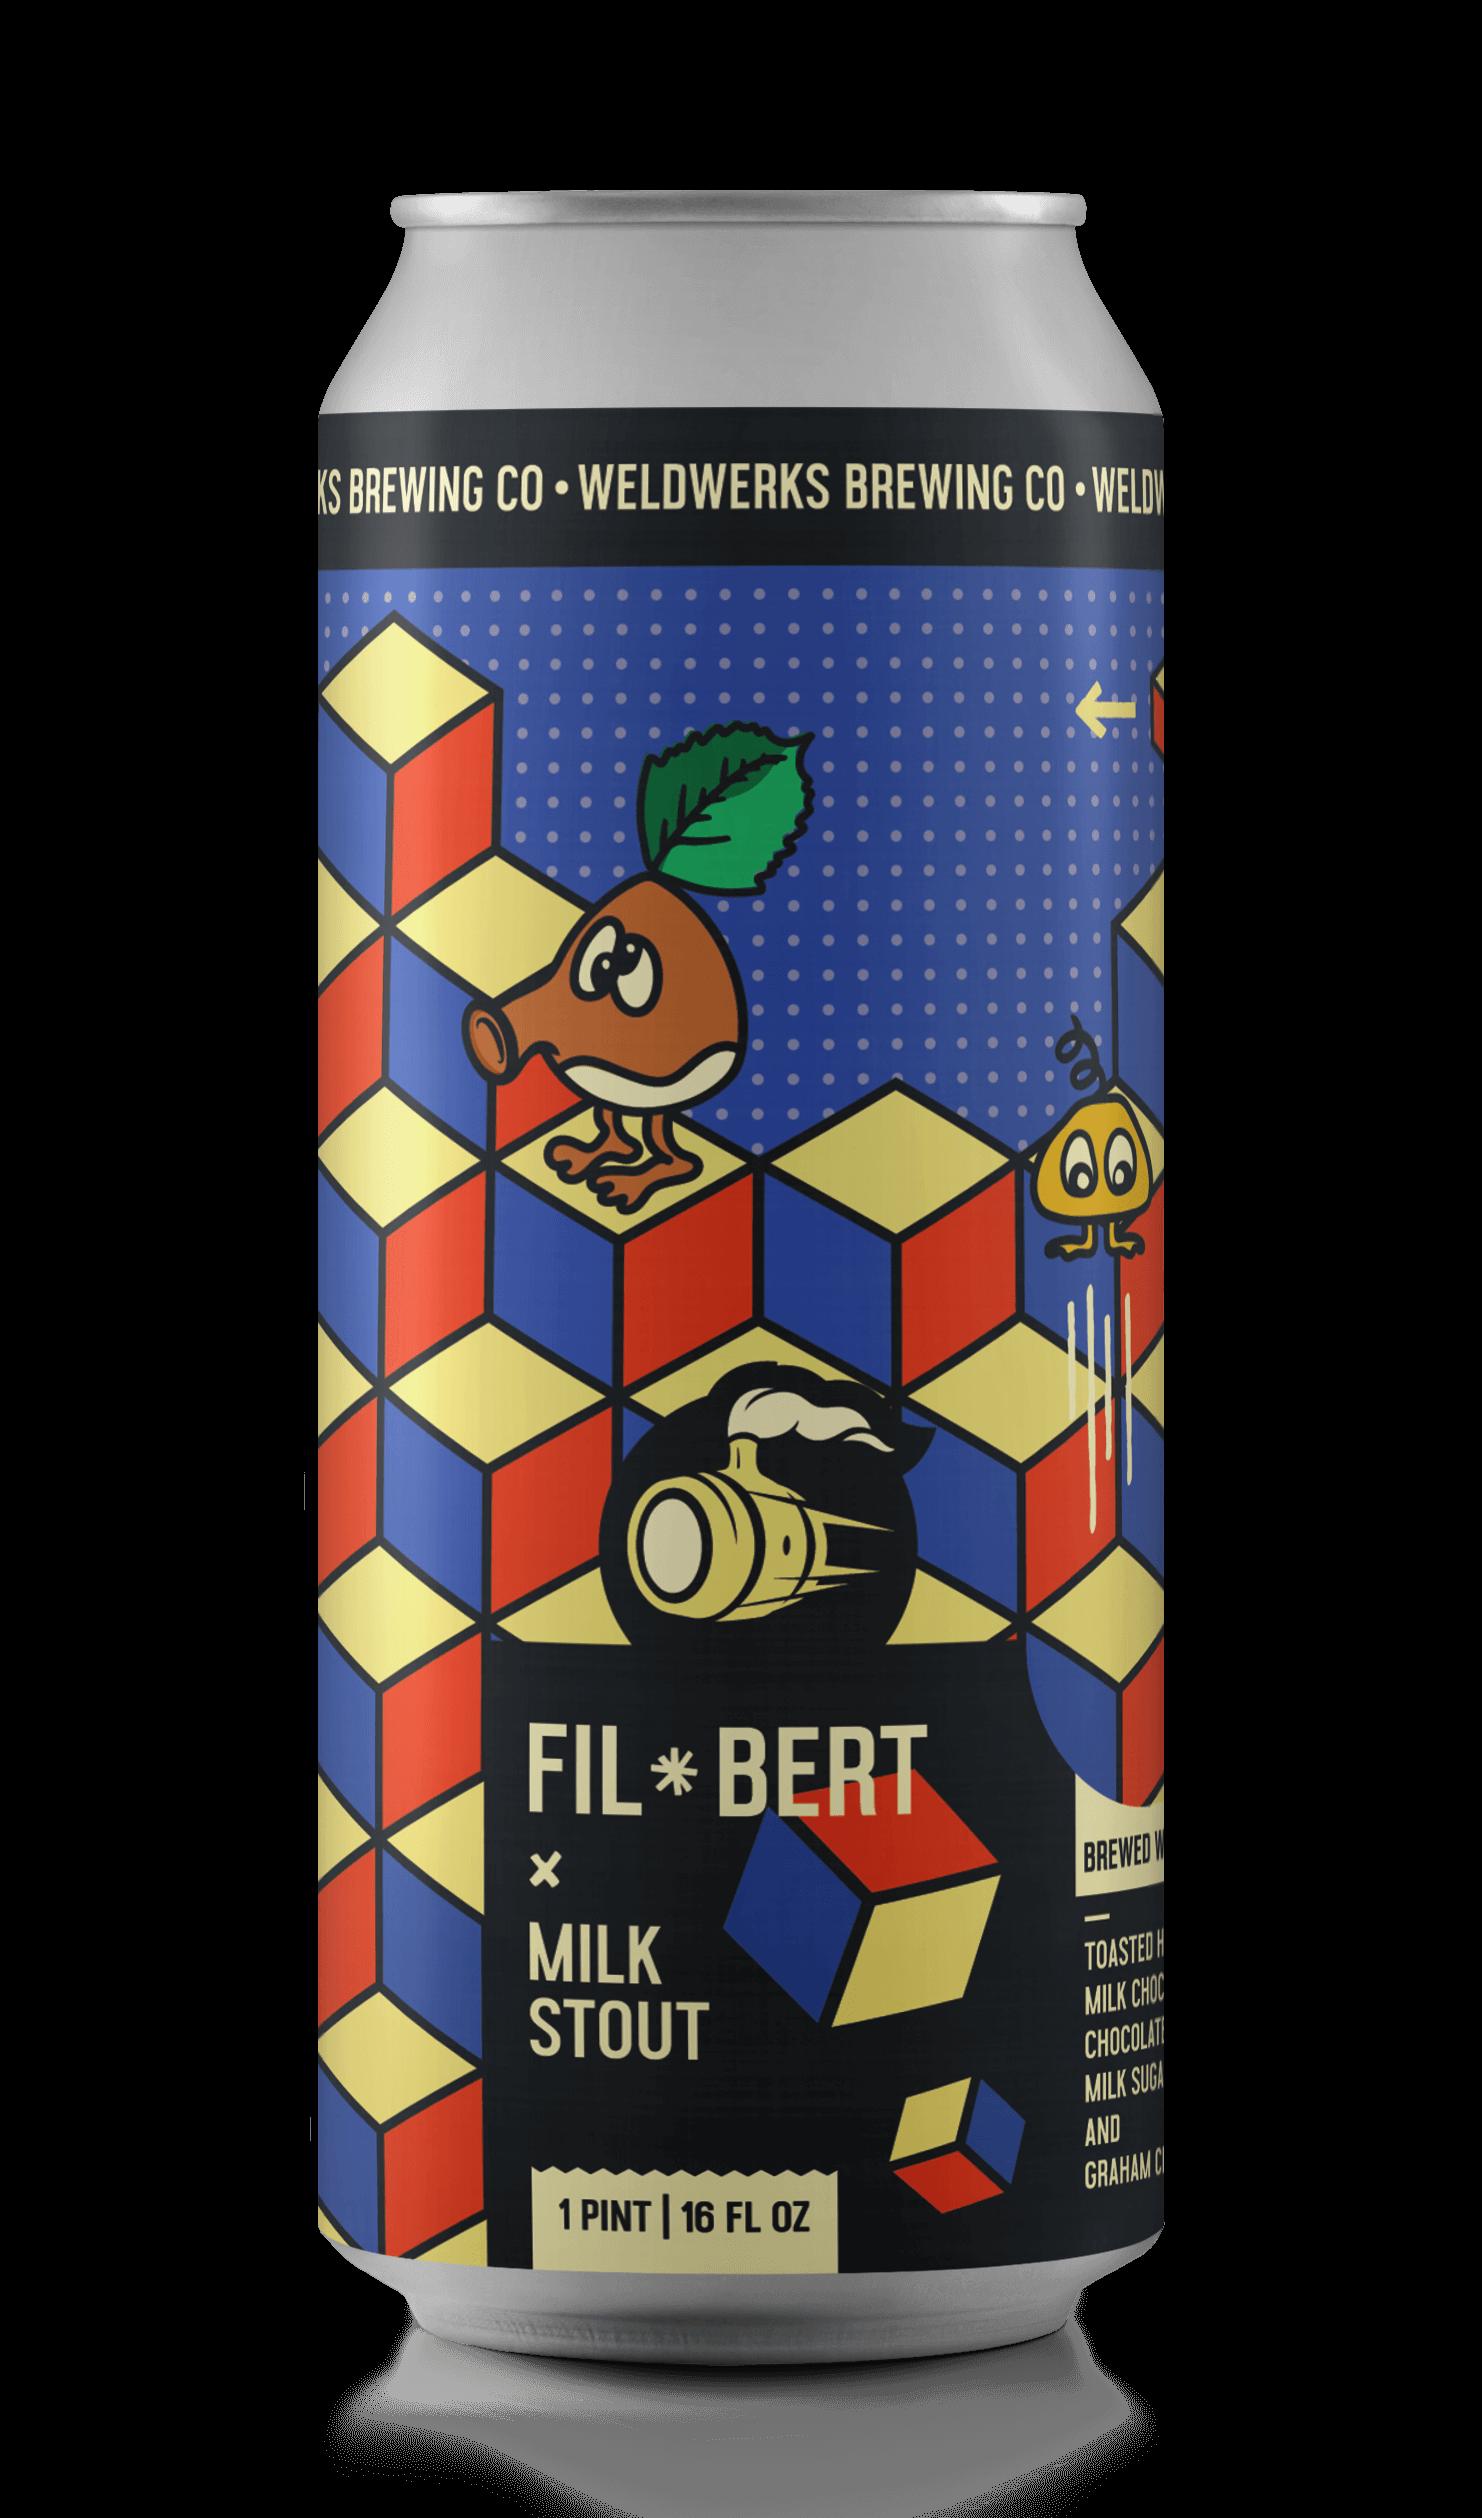 Fil*bert